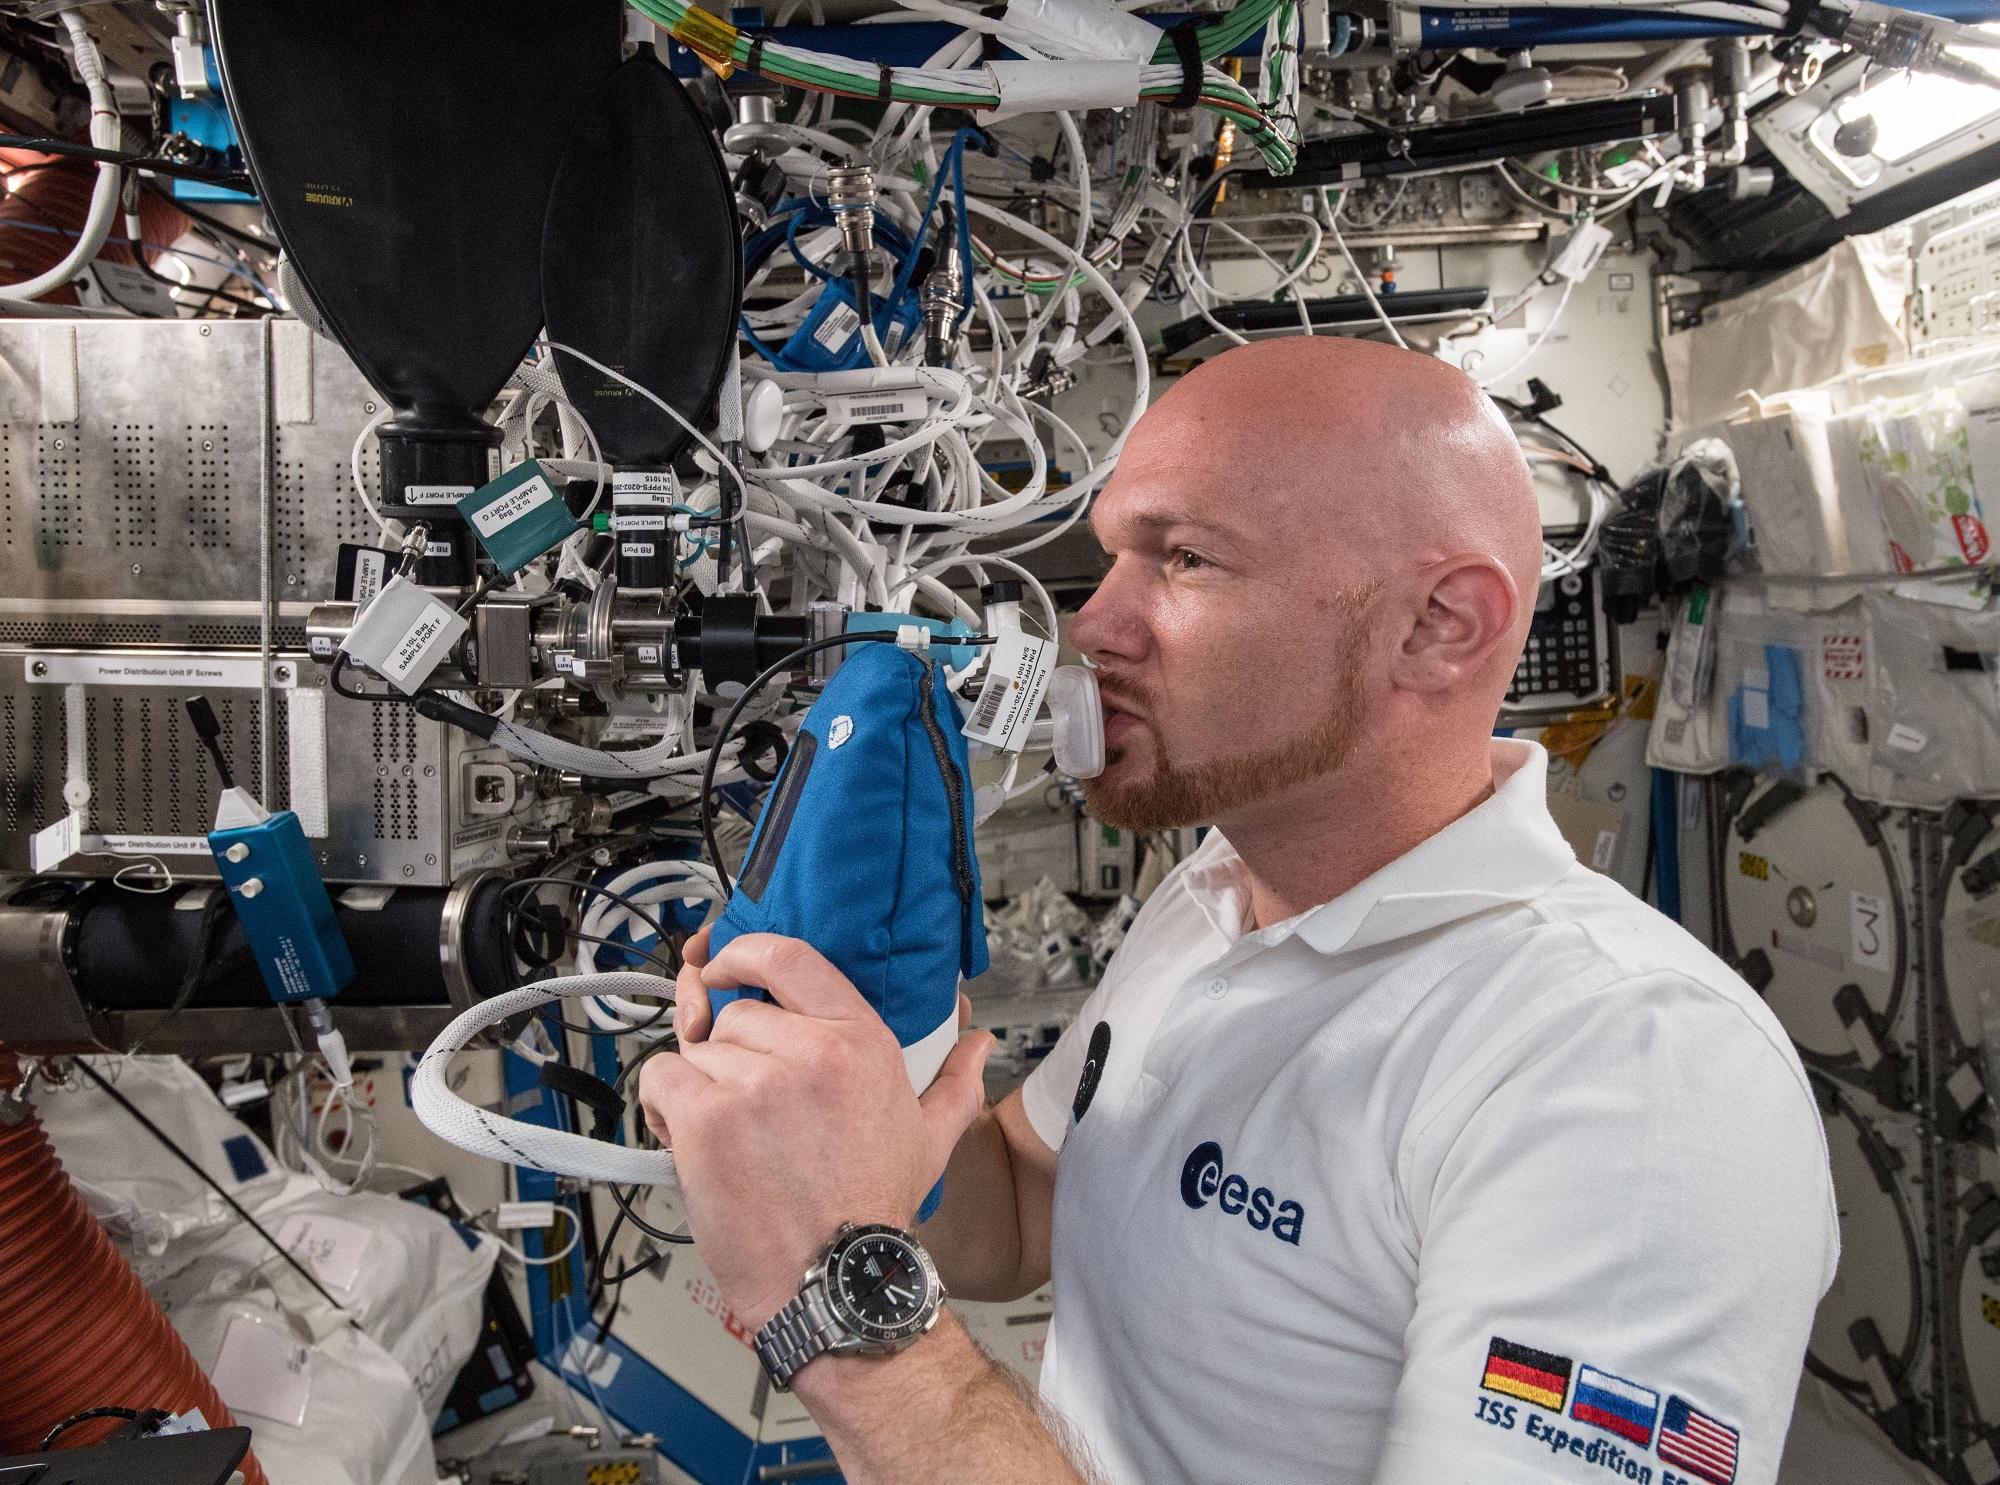 Alexander Gerst, ESAs tyske astronaut, måler nitrogenoksid fra pusten i et svensk lungeforsøkpå romstasjonen. Foto: NASA